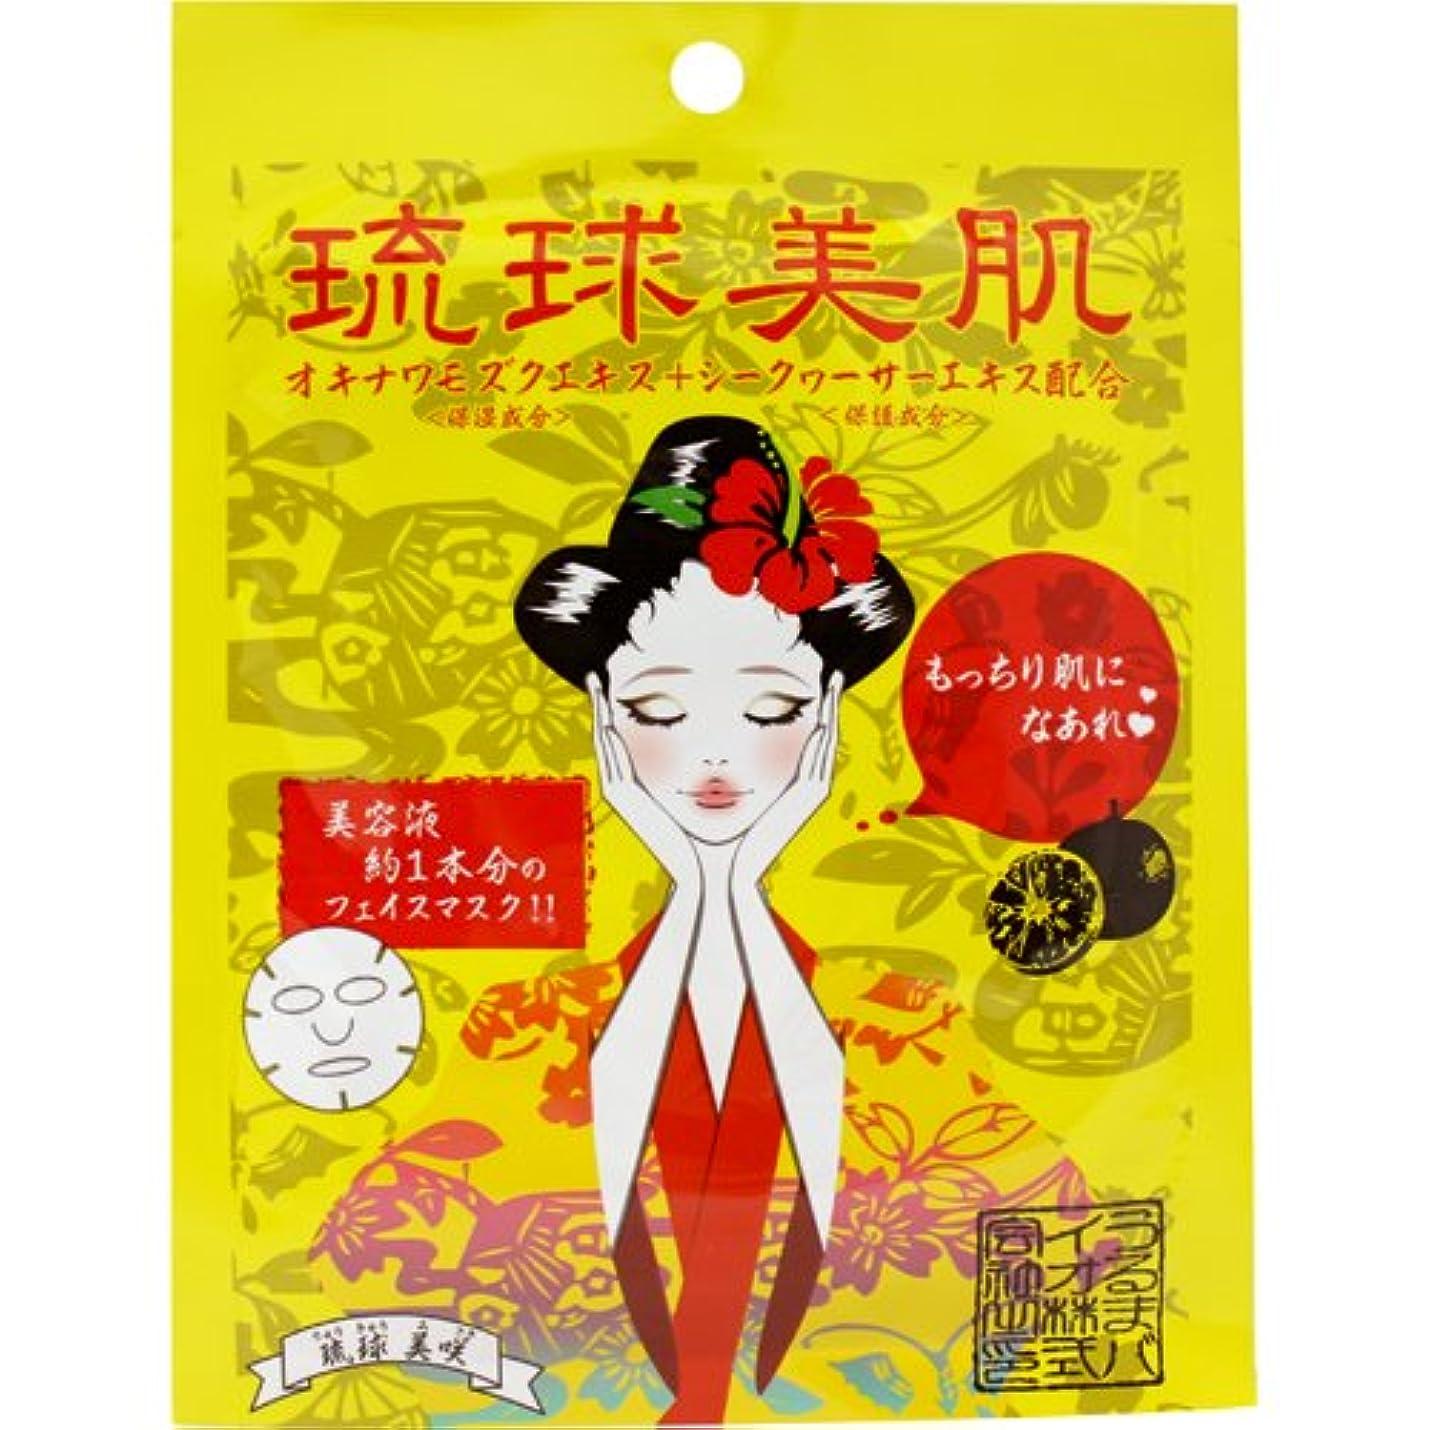 無効近代化眉をひそめる琉球美肌フェイスマスクシート黄 (シークァーサーの香り)×10パック